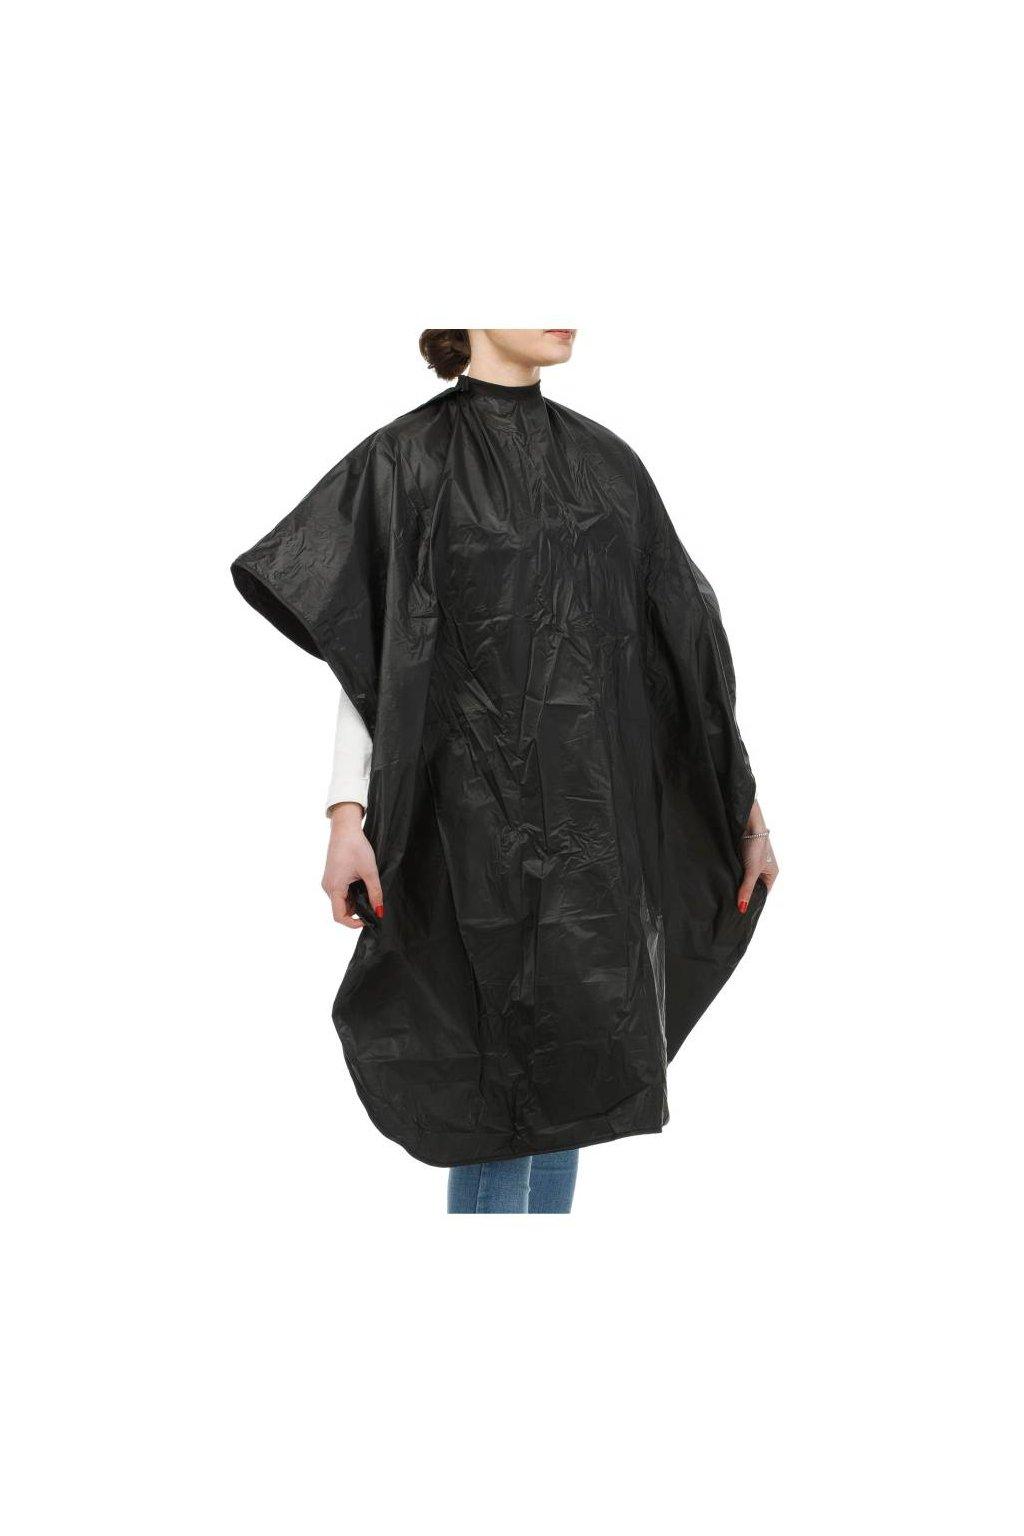 Plášť na barvení dlouhý 100x140cm pogumovaný černý Xanitalia